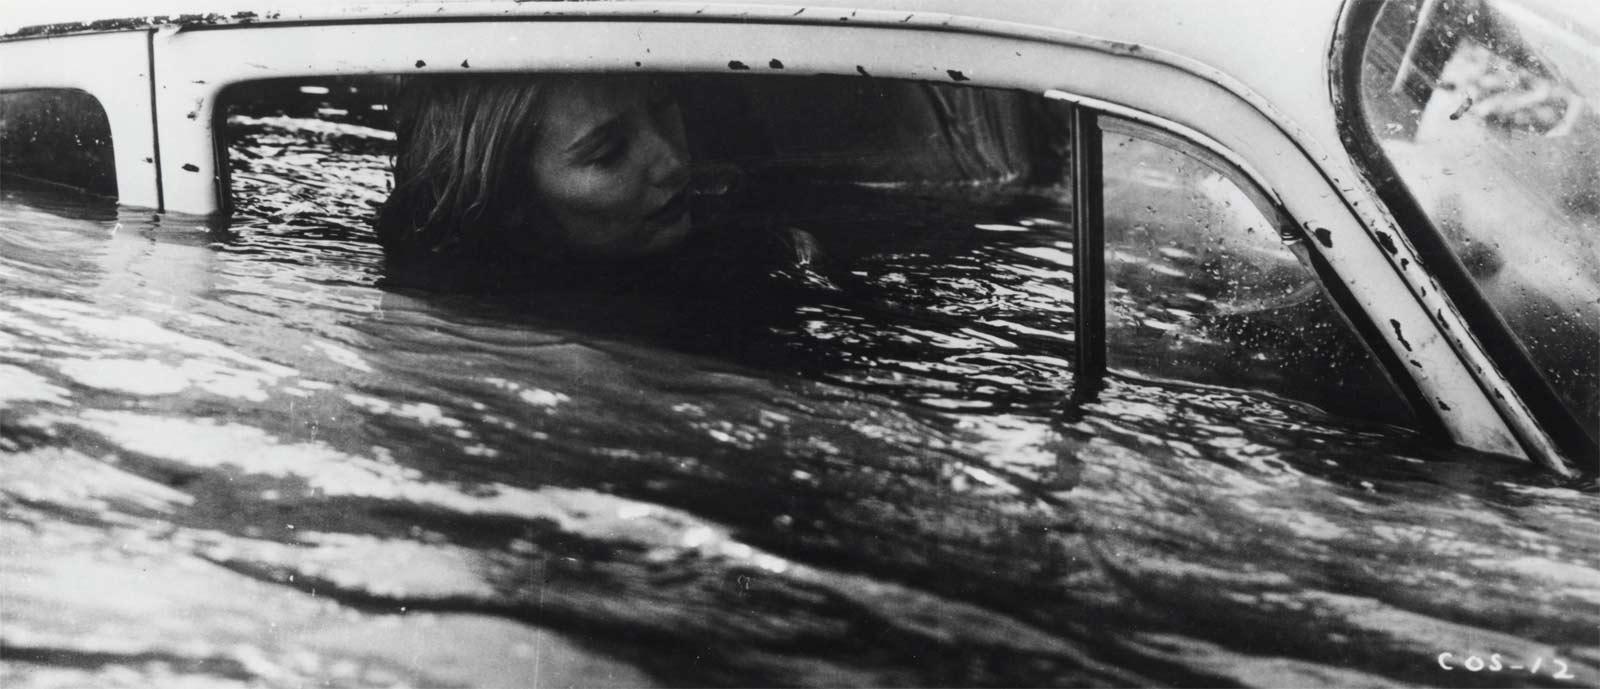 El Carnaval de las almas, 1962   Herk Harvey